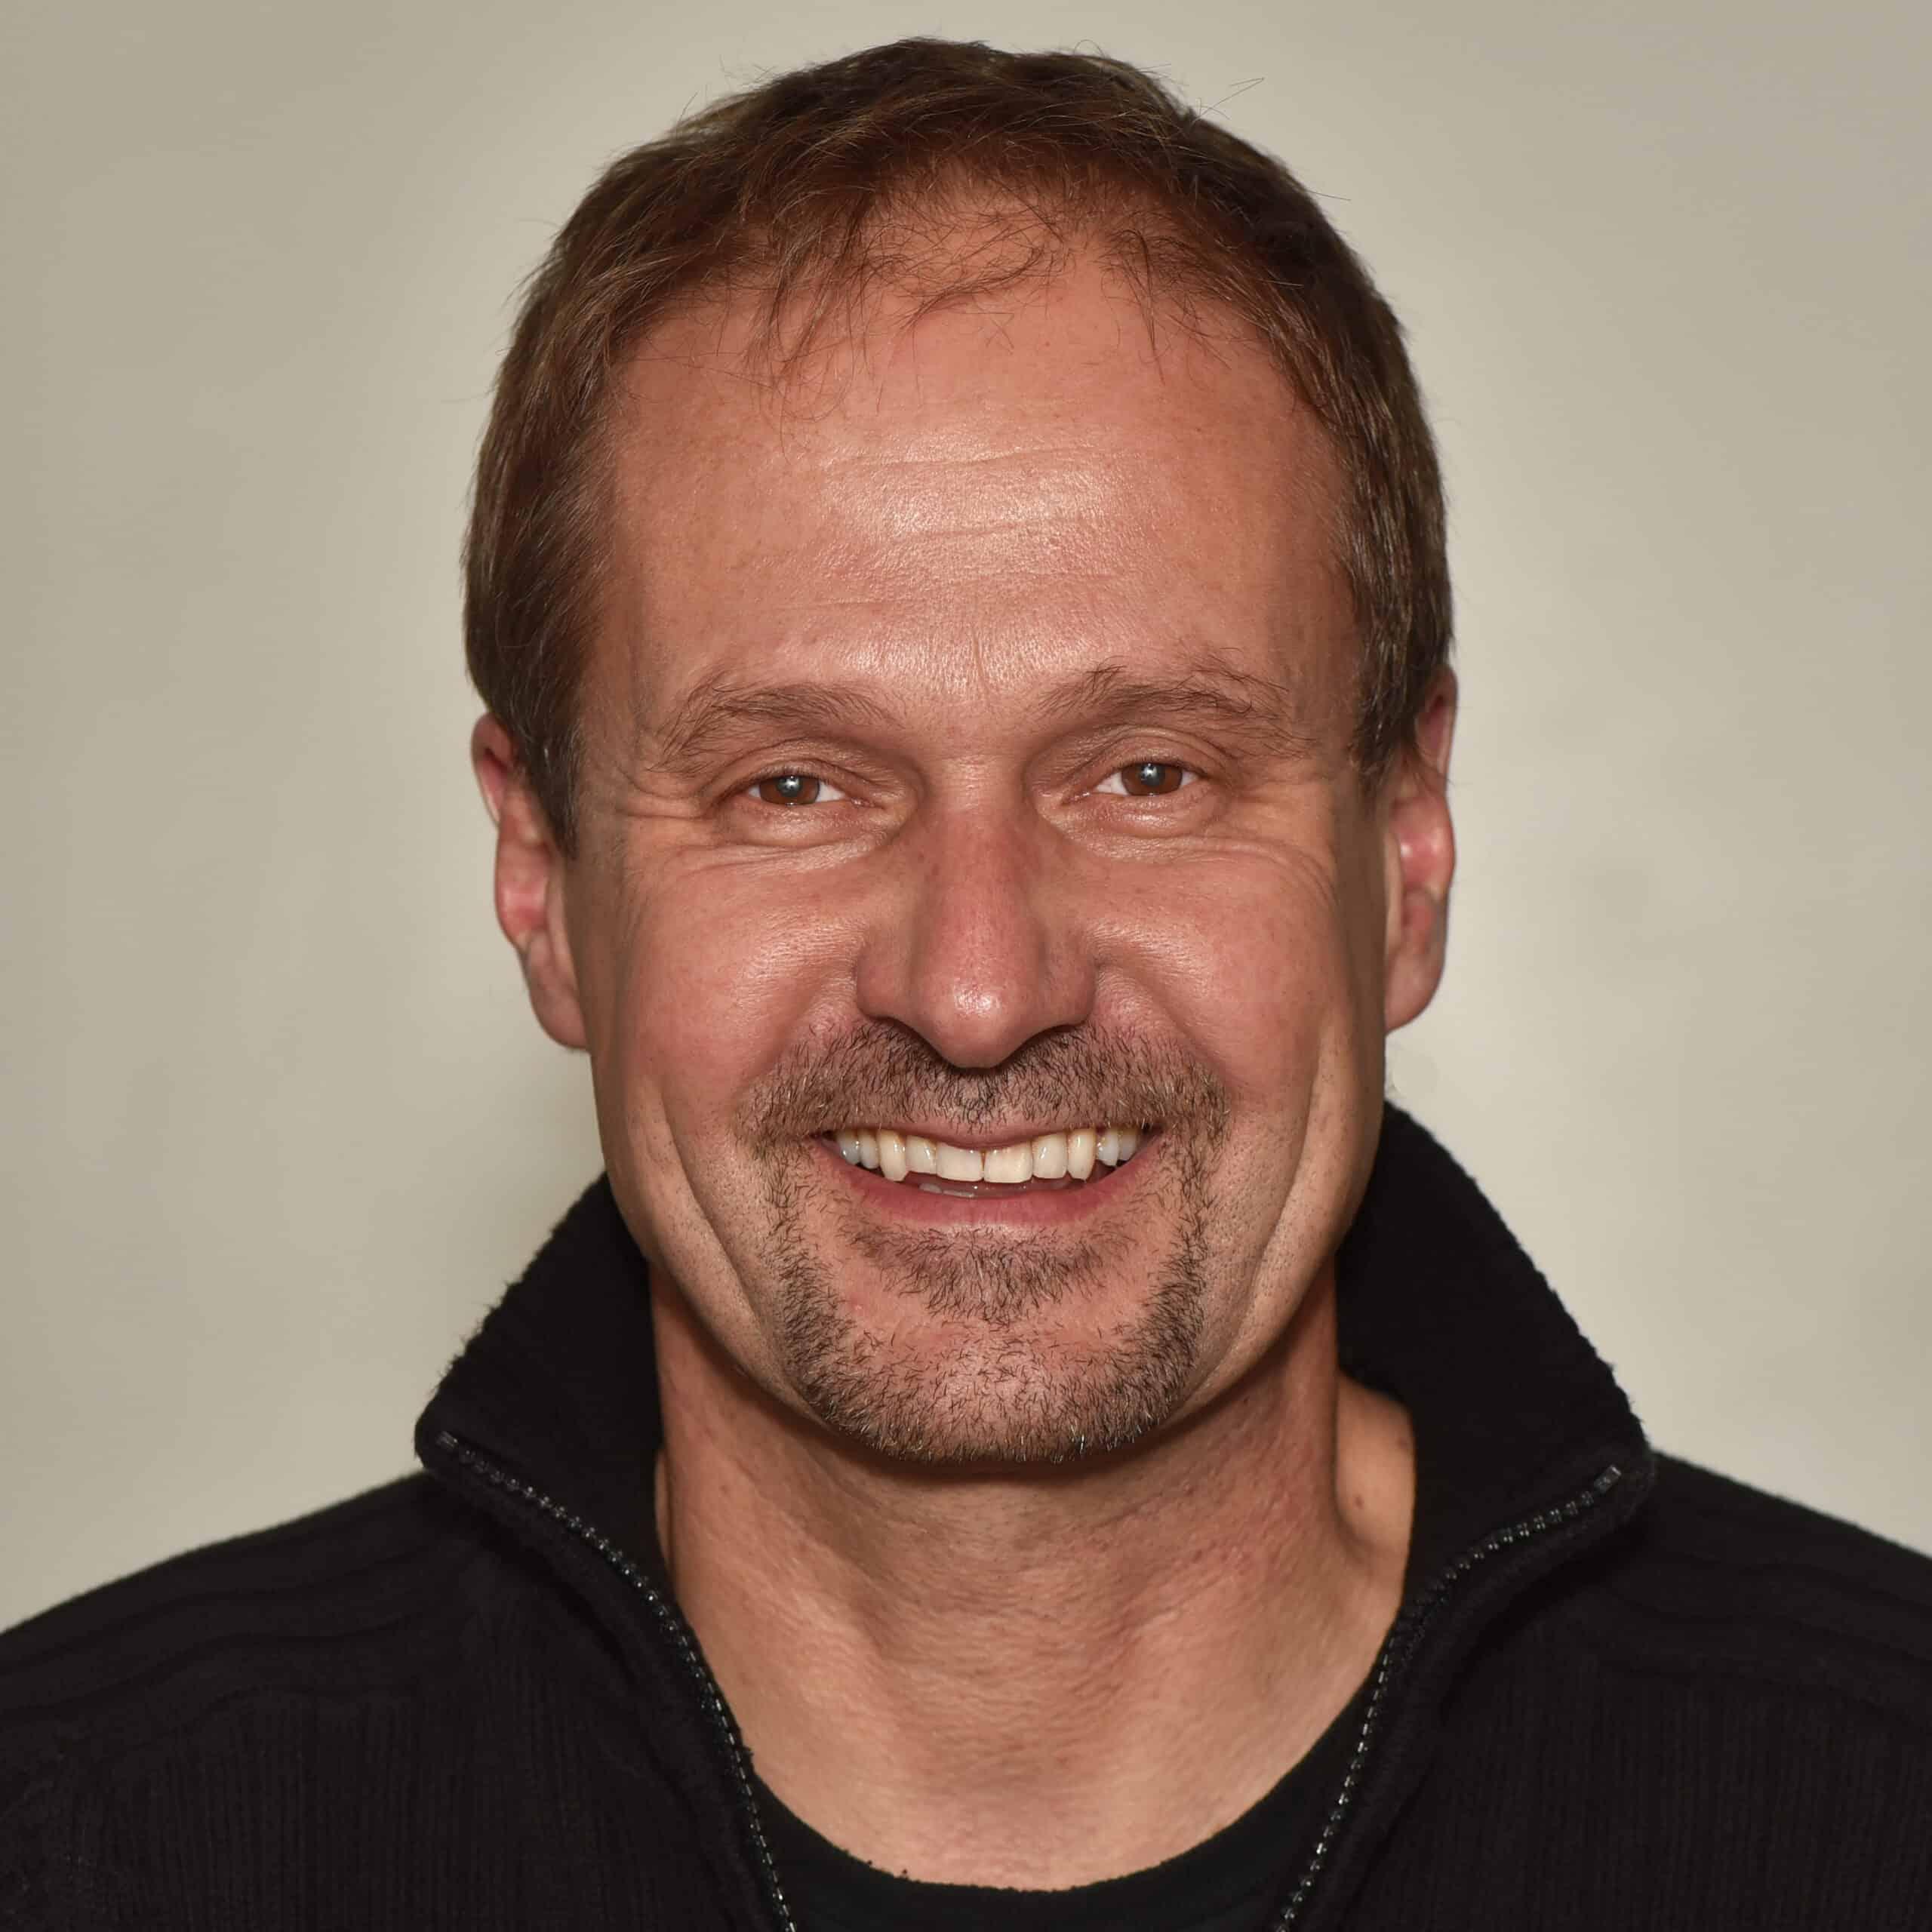 Reinhard Völkel